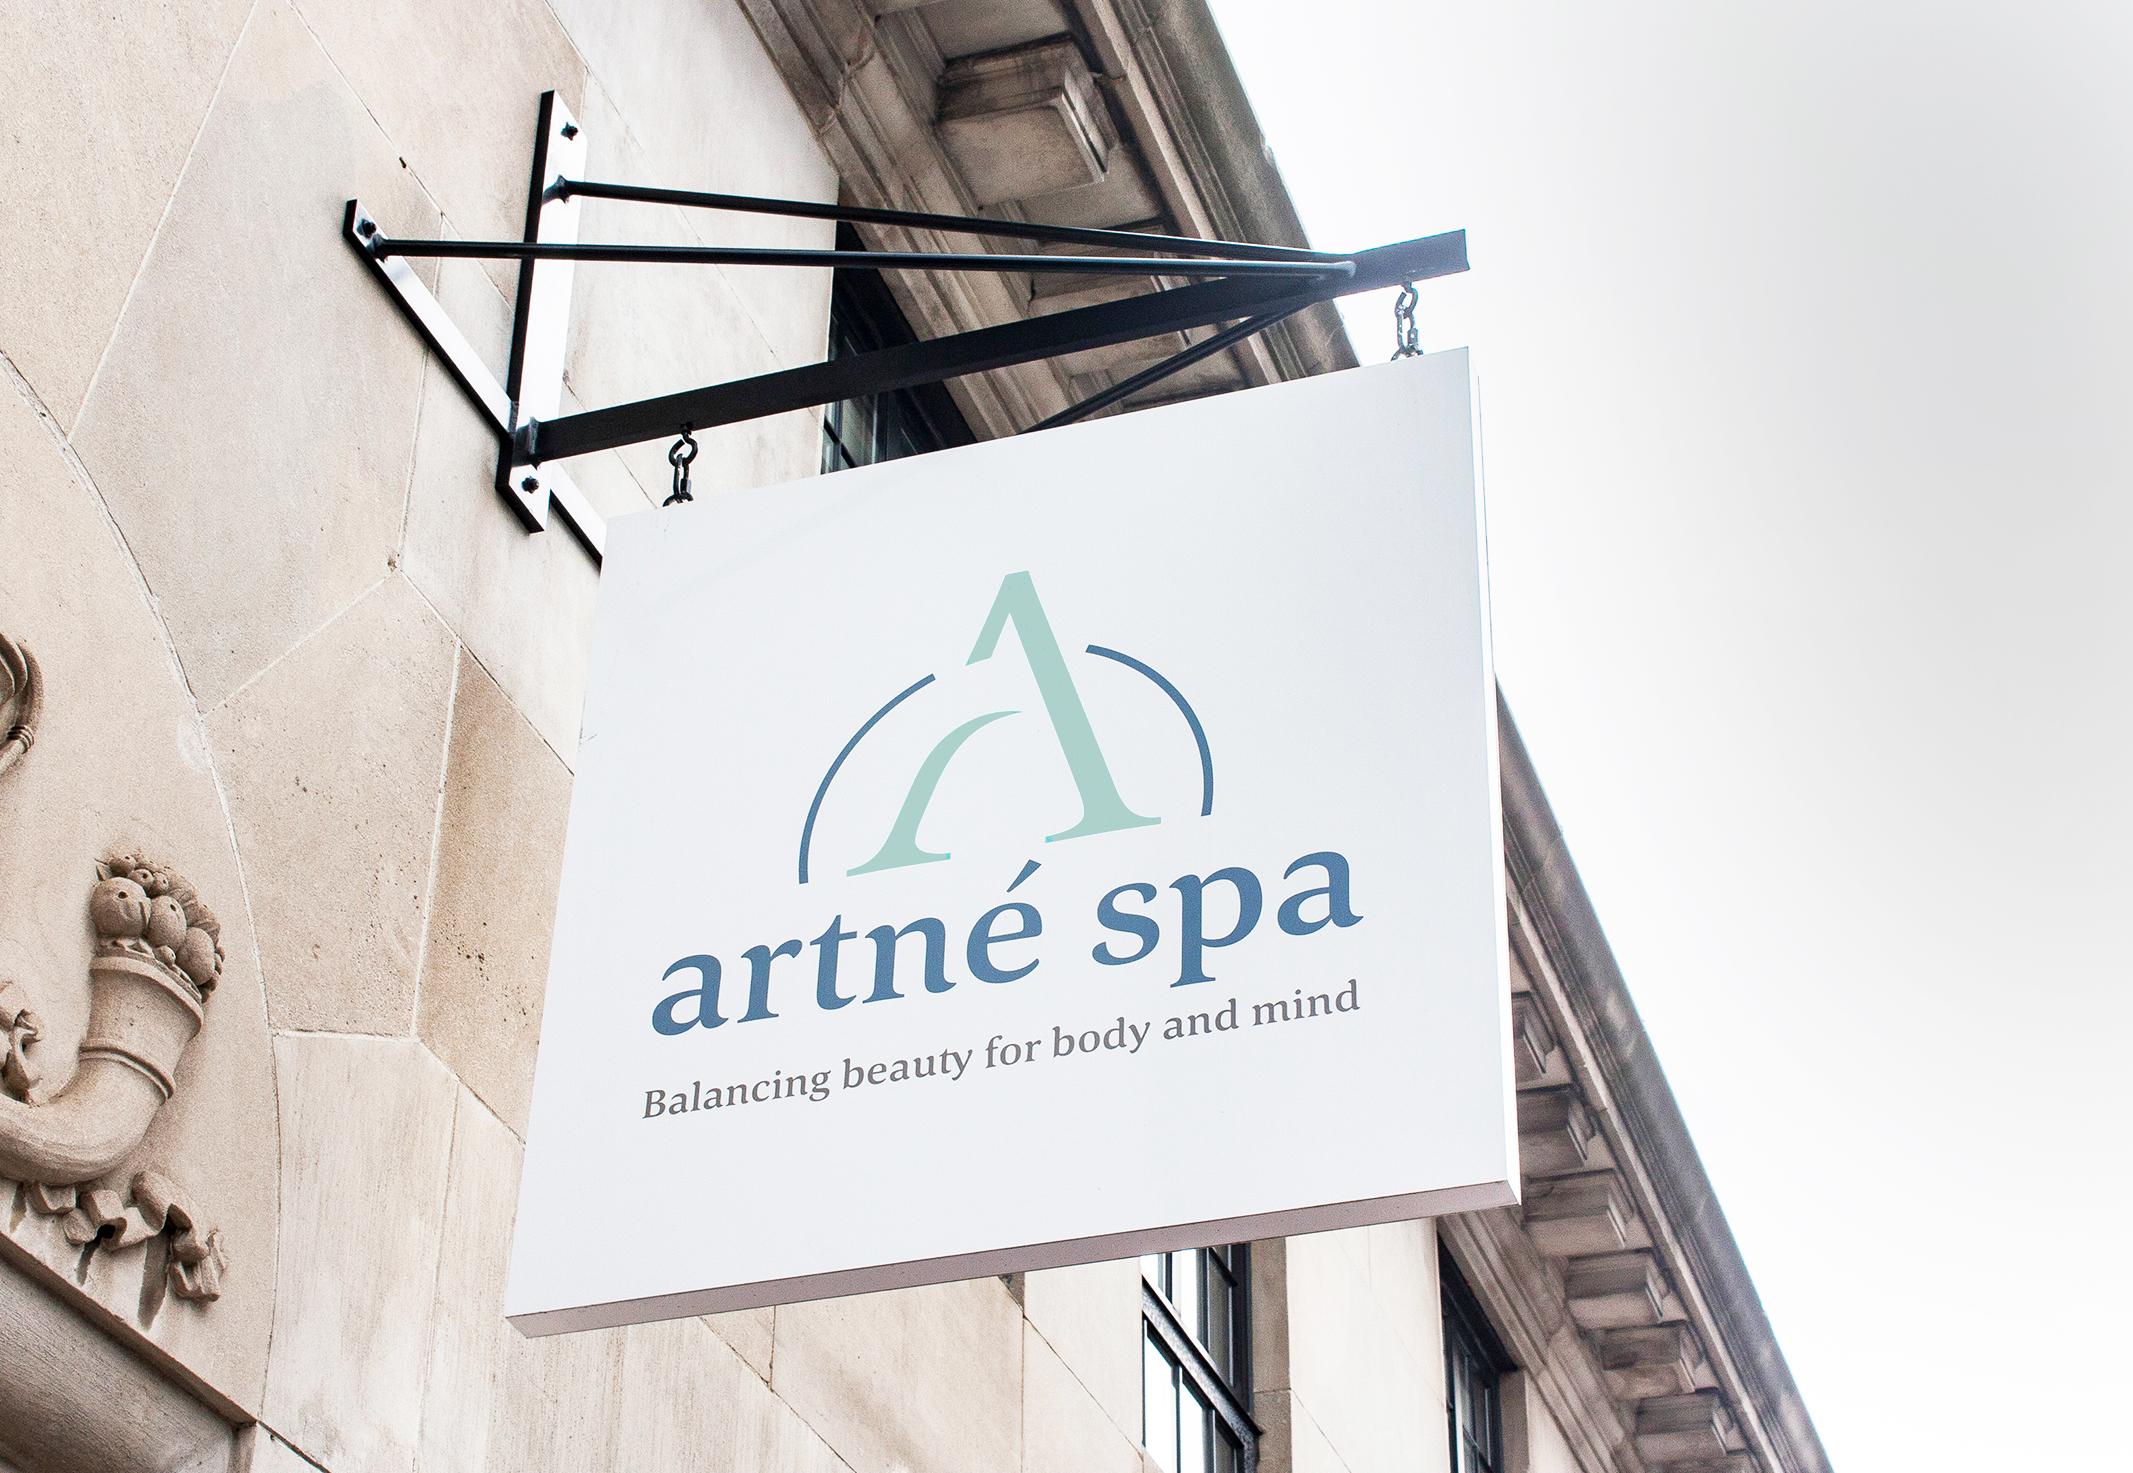 Artné Spa